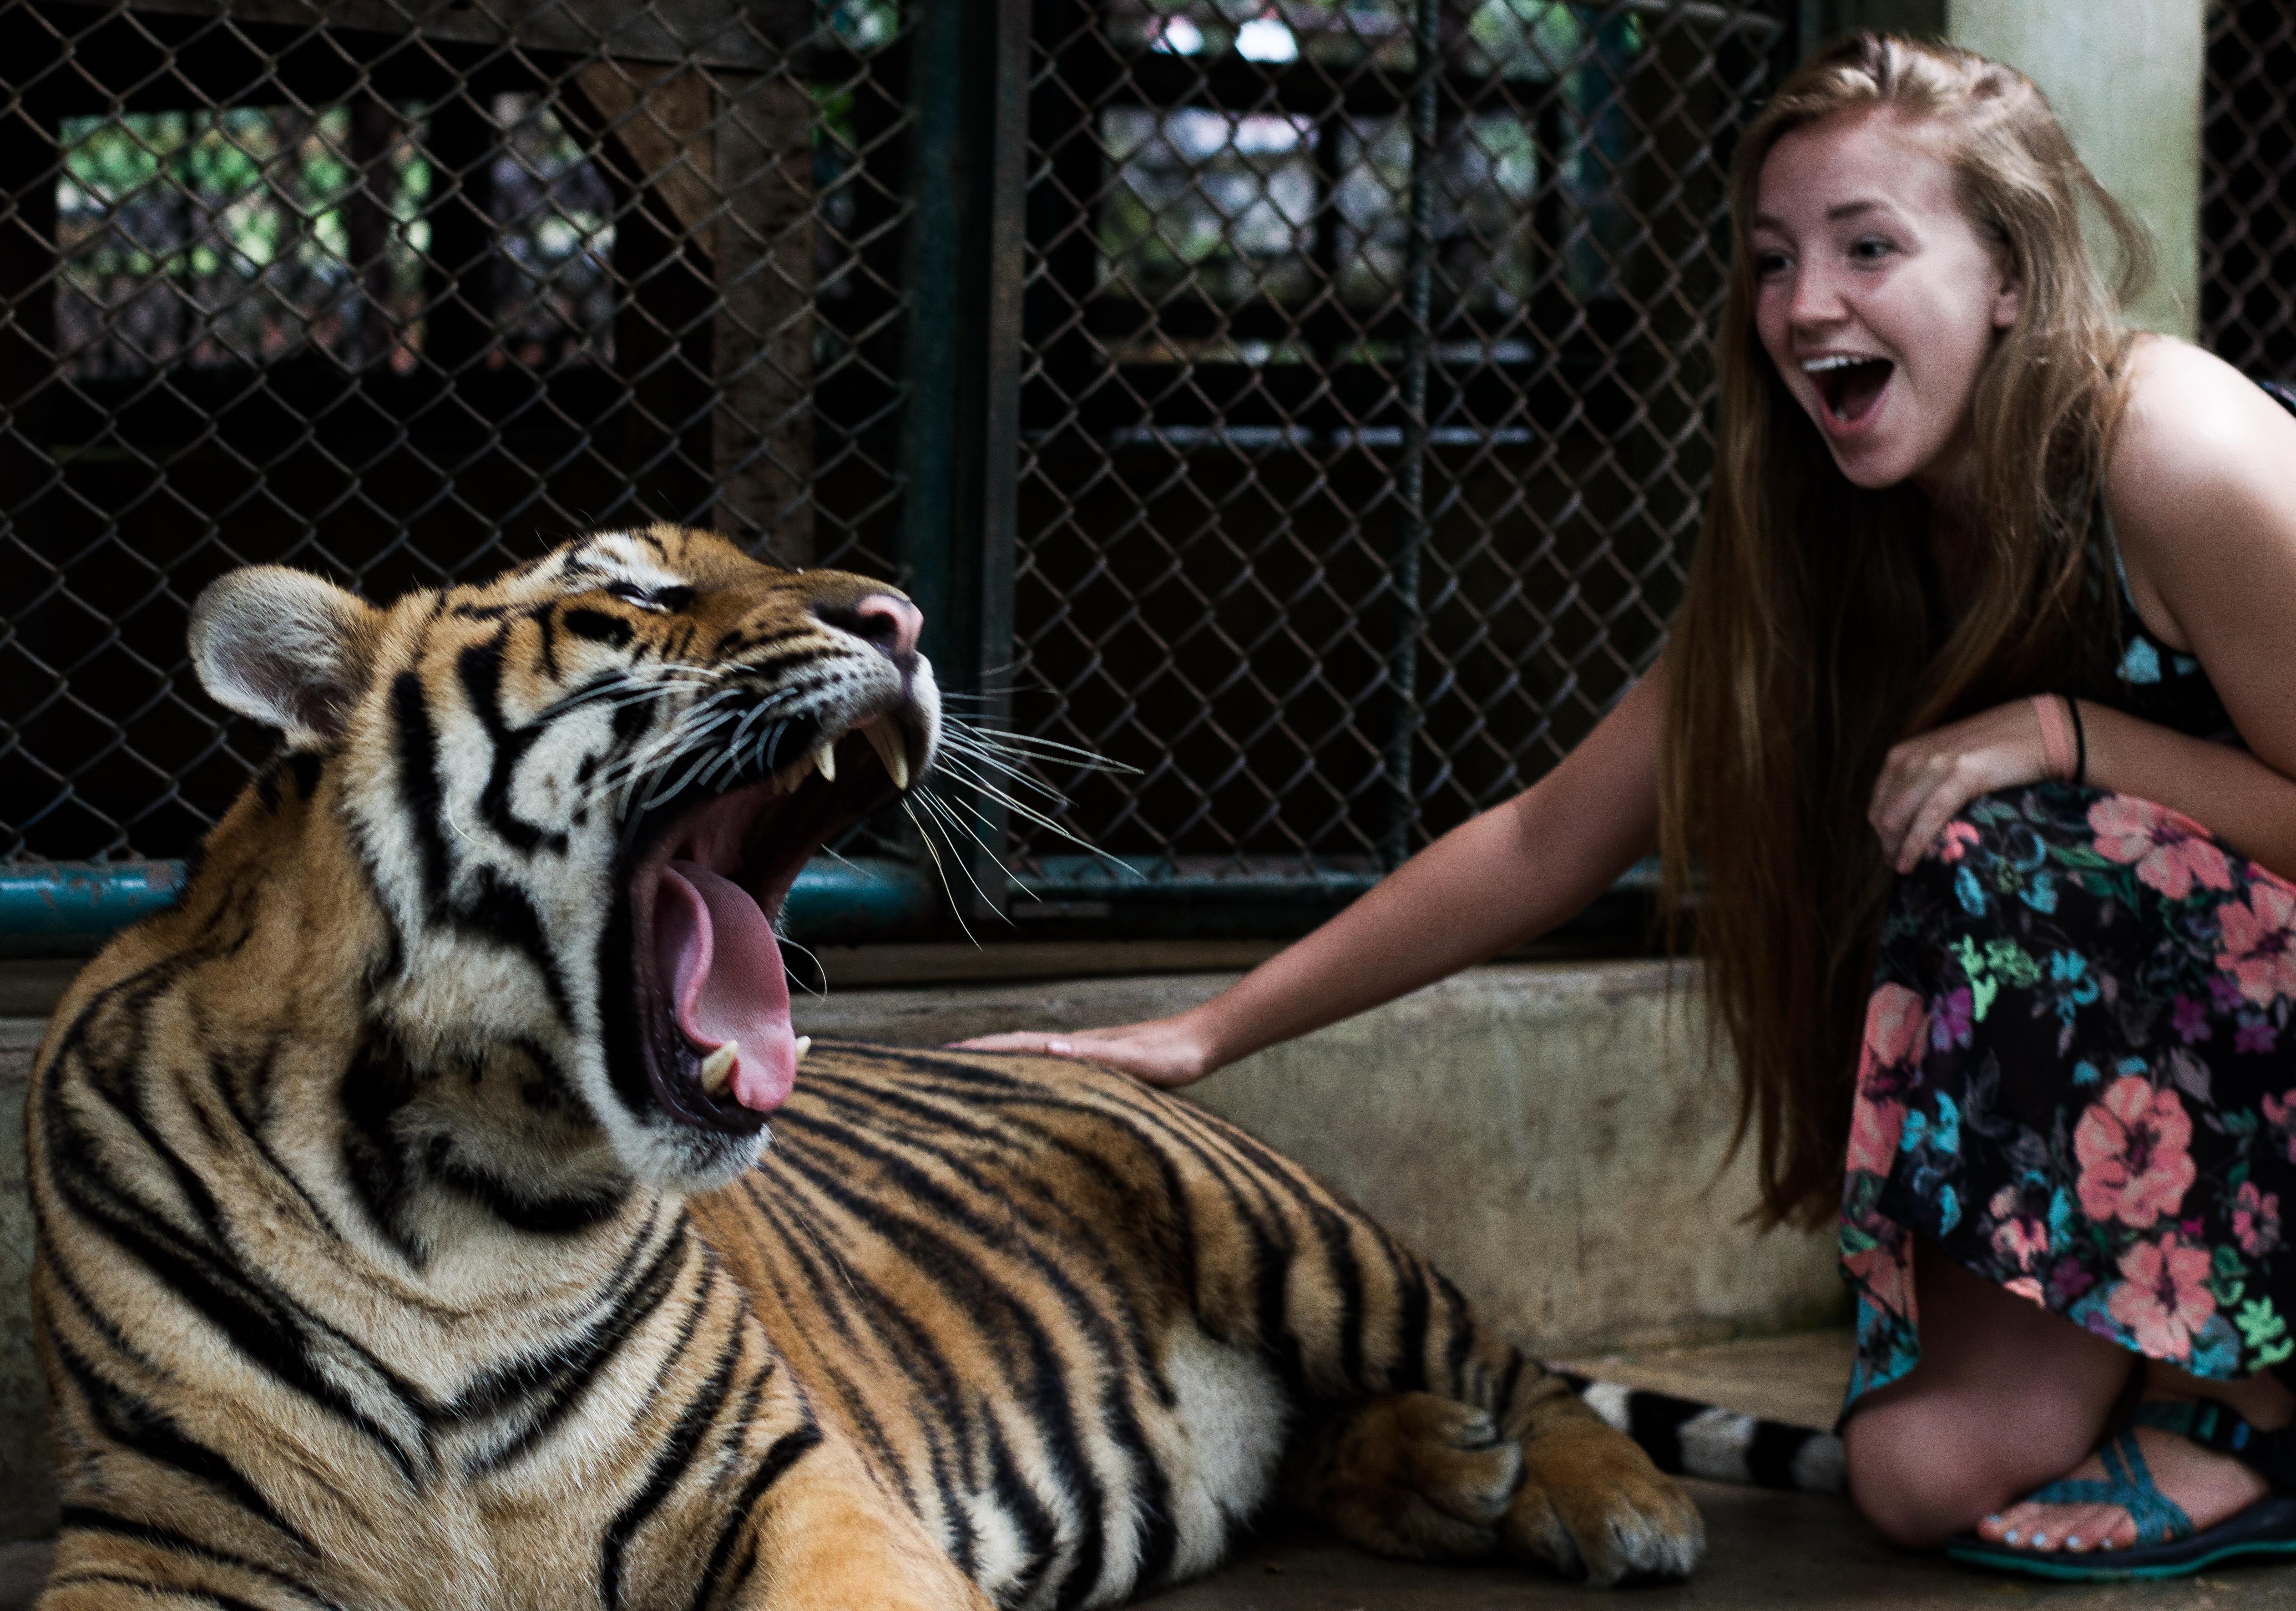 Tiger_2-1.jpg